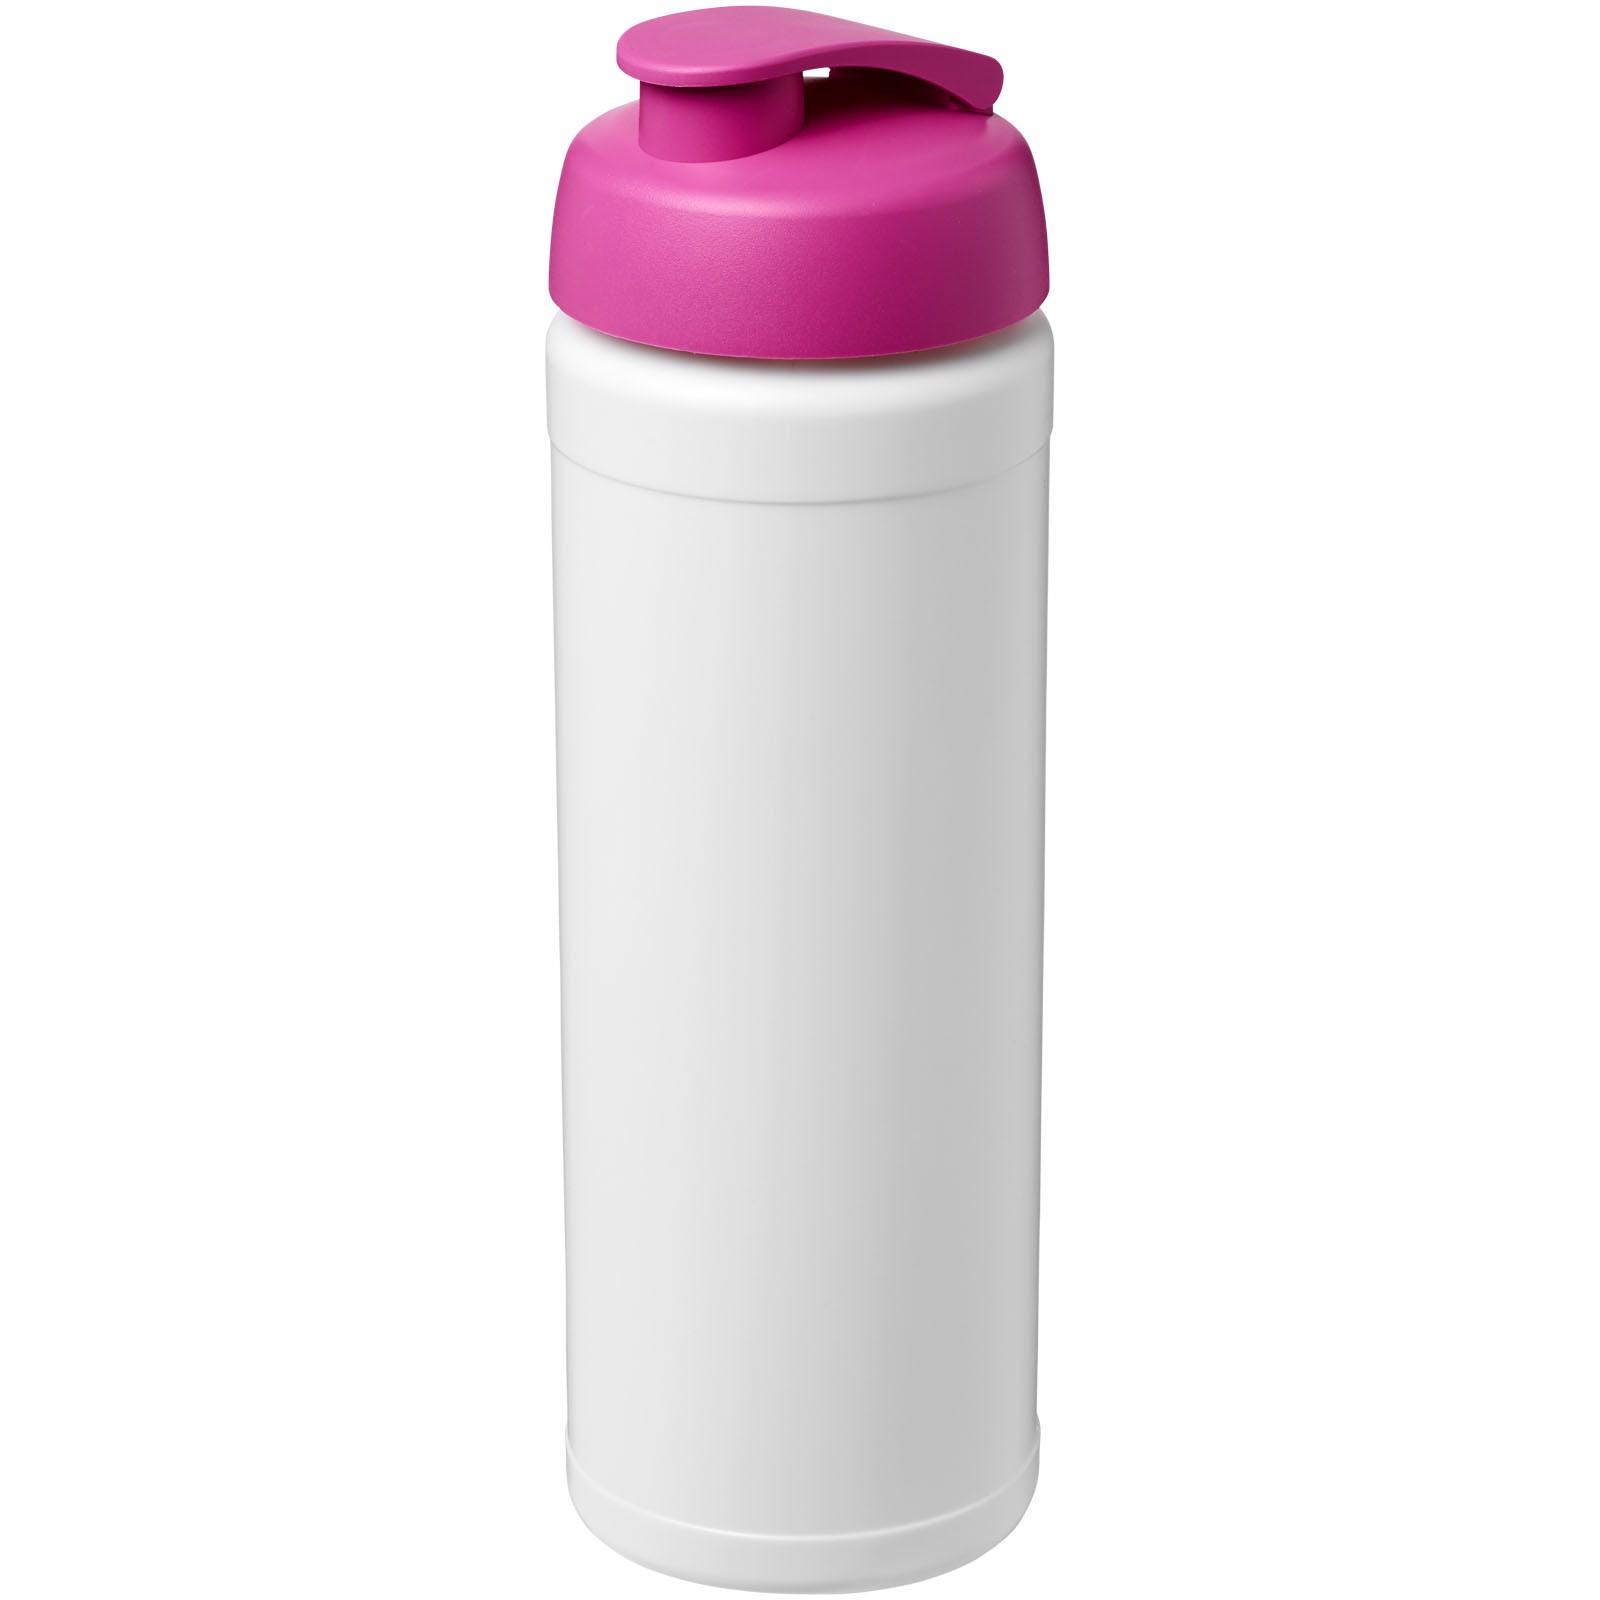 Baseline® Plus 750 ml flip lid sport bottle - White / Pink